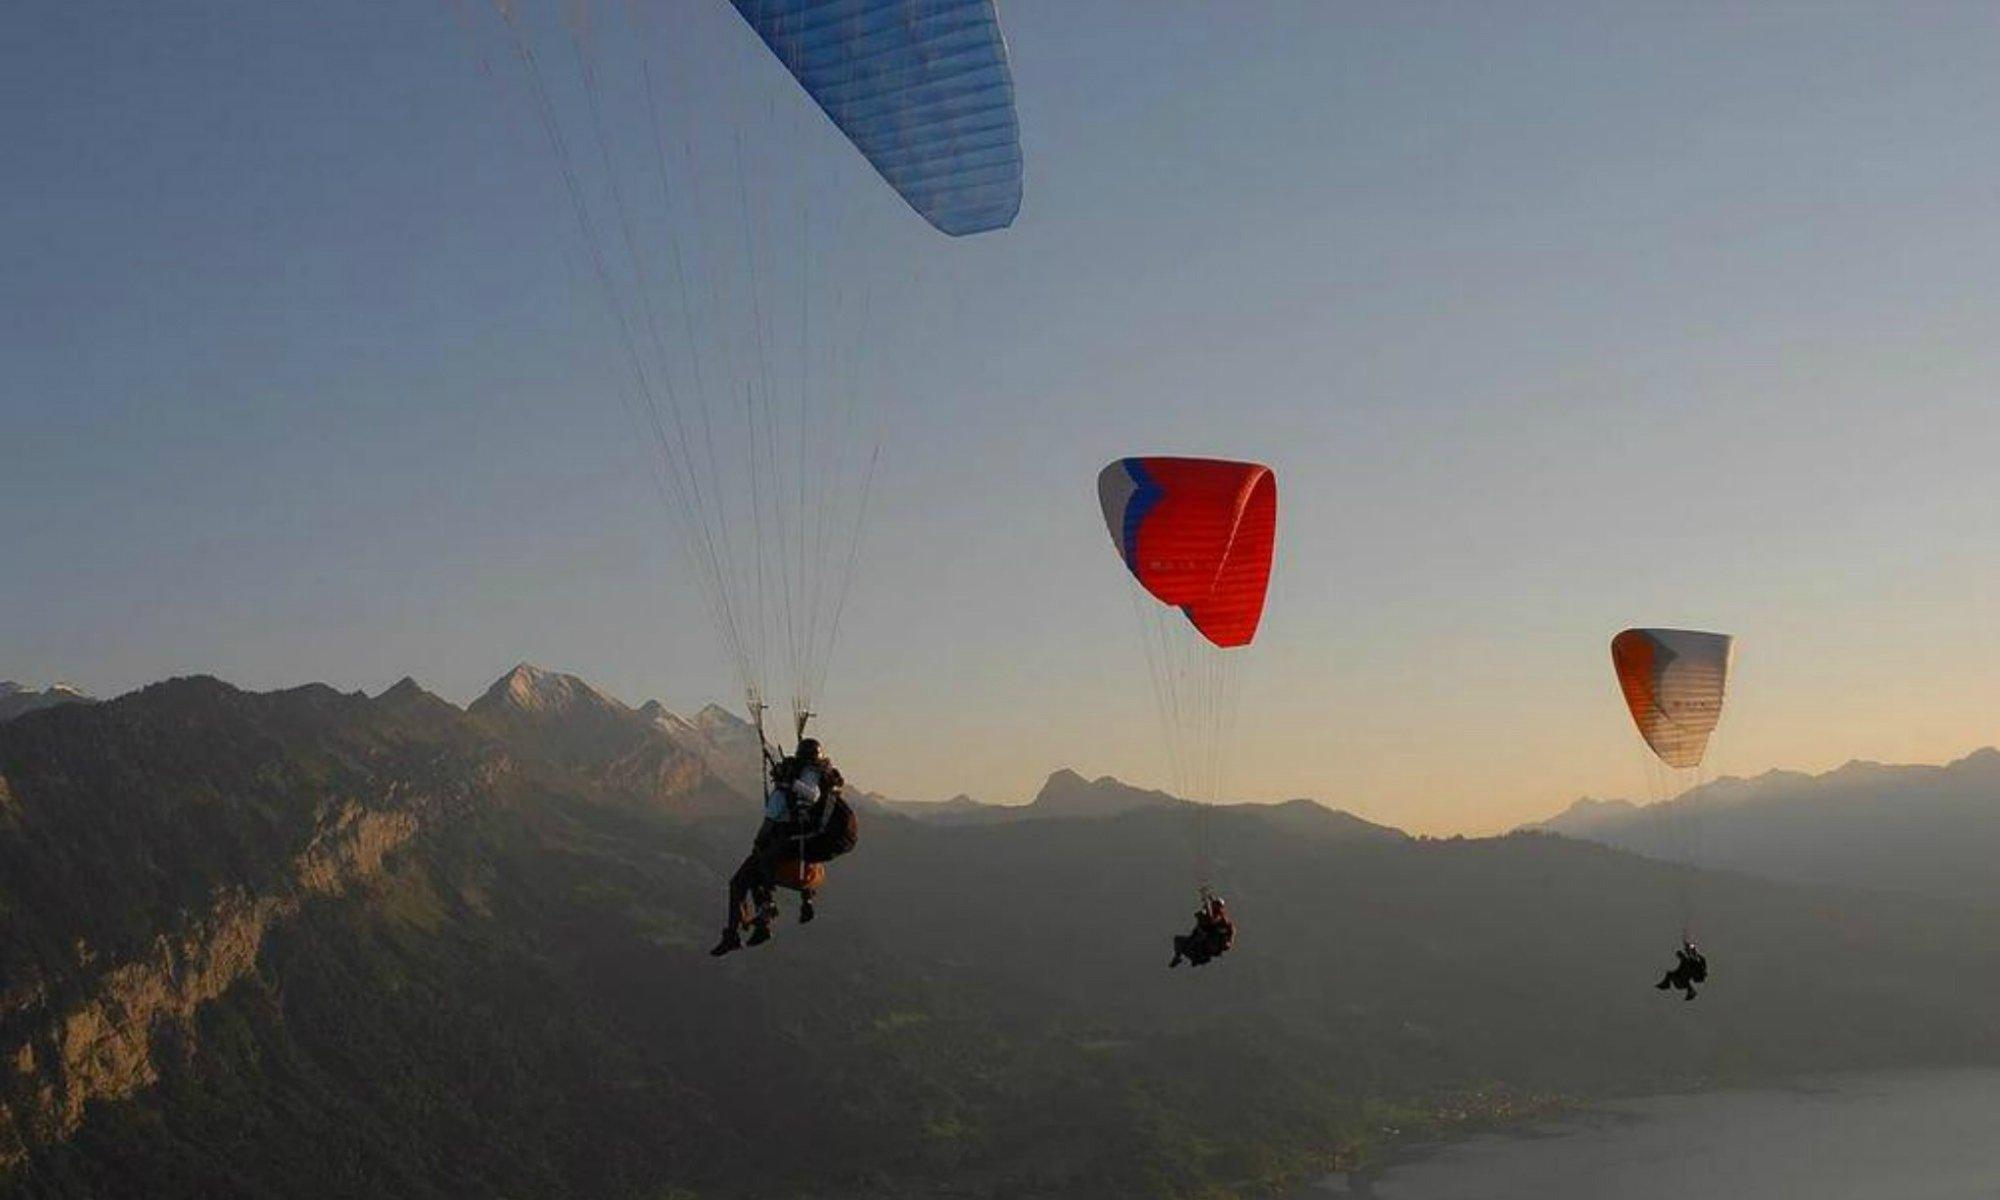 Mehrer Paraglider segeln bei Sonnenaufgang über die Berglandschaft in Interlaken.